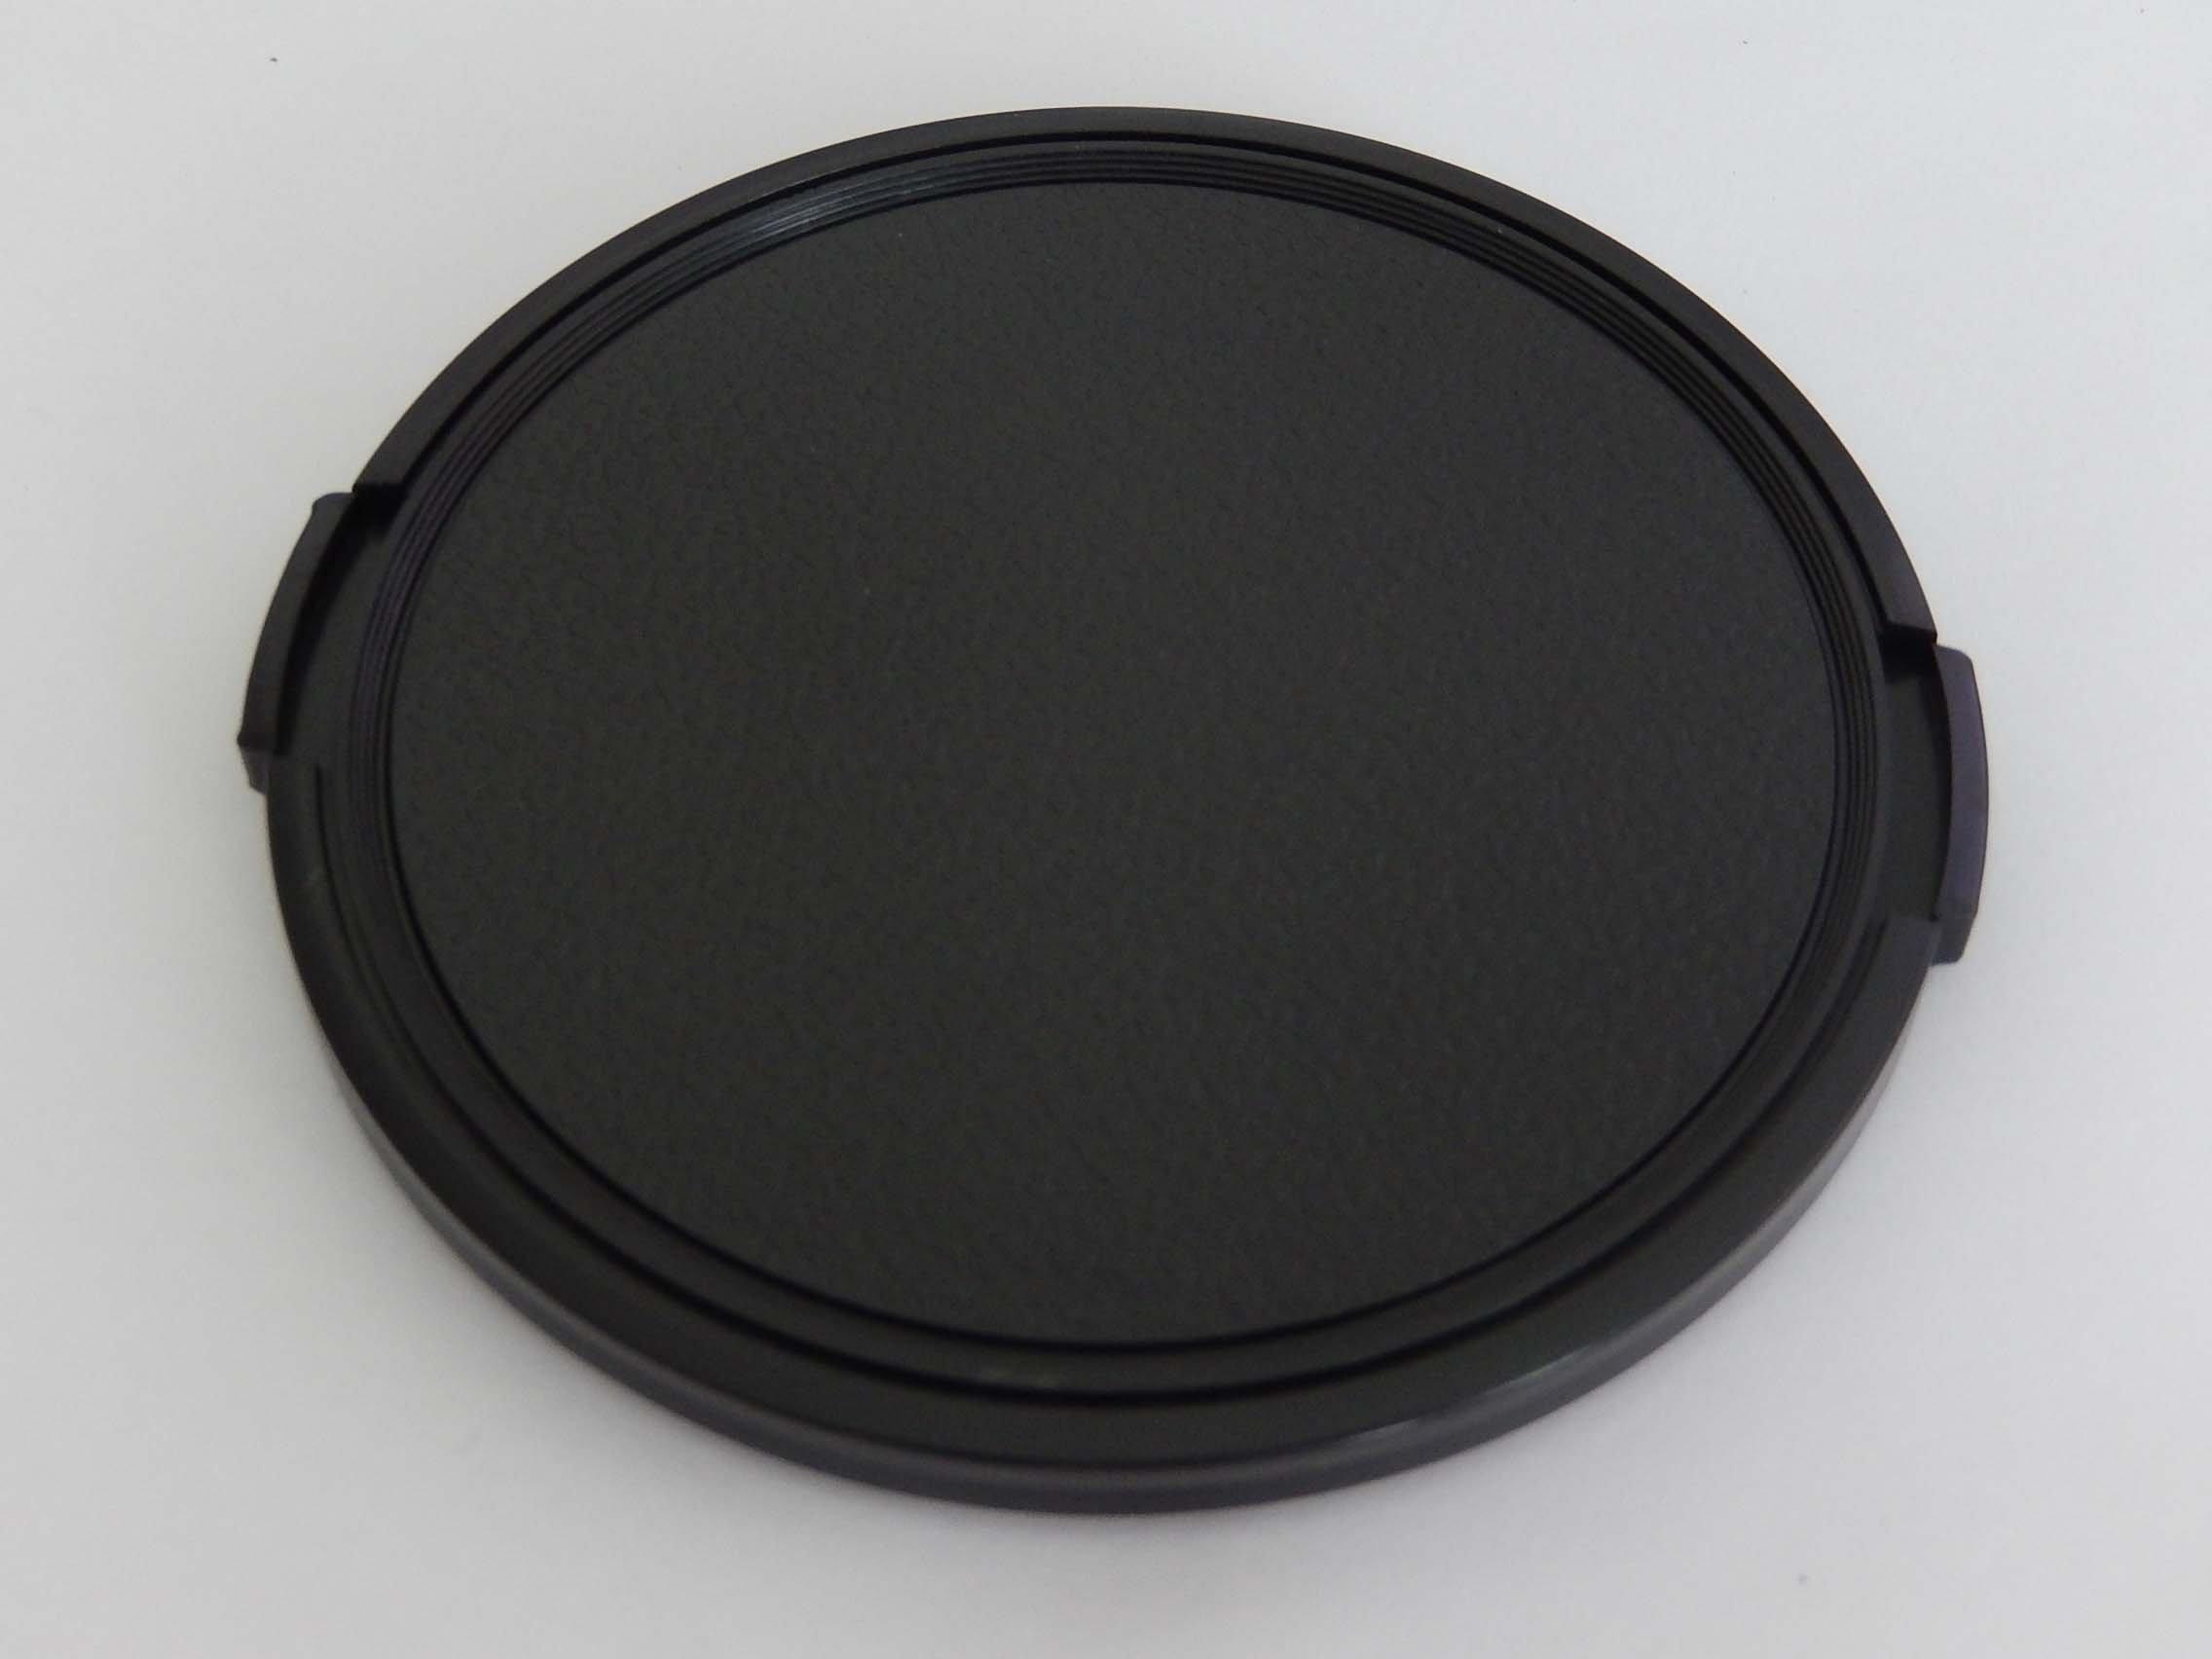 vhbw Copriobiettivo 82 mm per fotocamera Sigma 24-35 mm F2 DG HSM Art, 24-70 mm 2.8 EX DG Asp. Makr